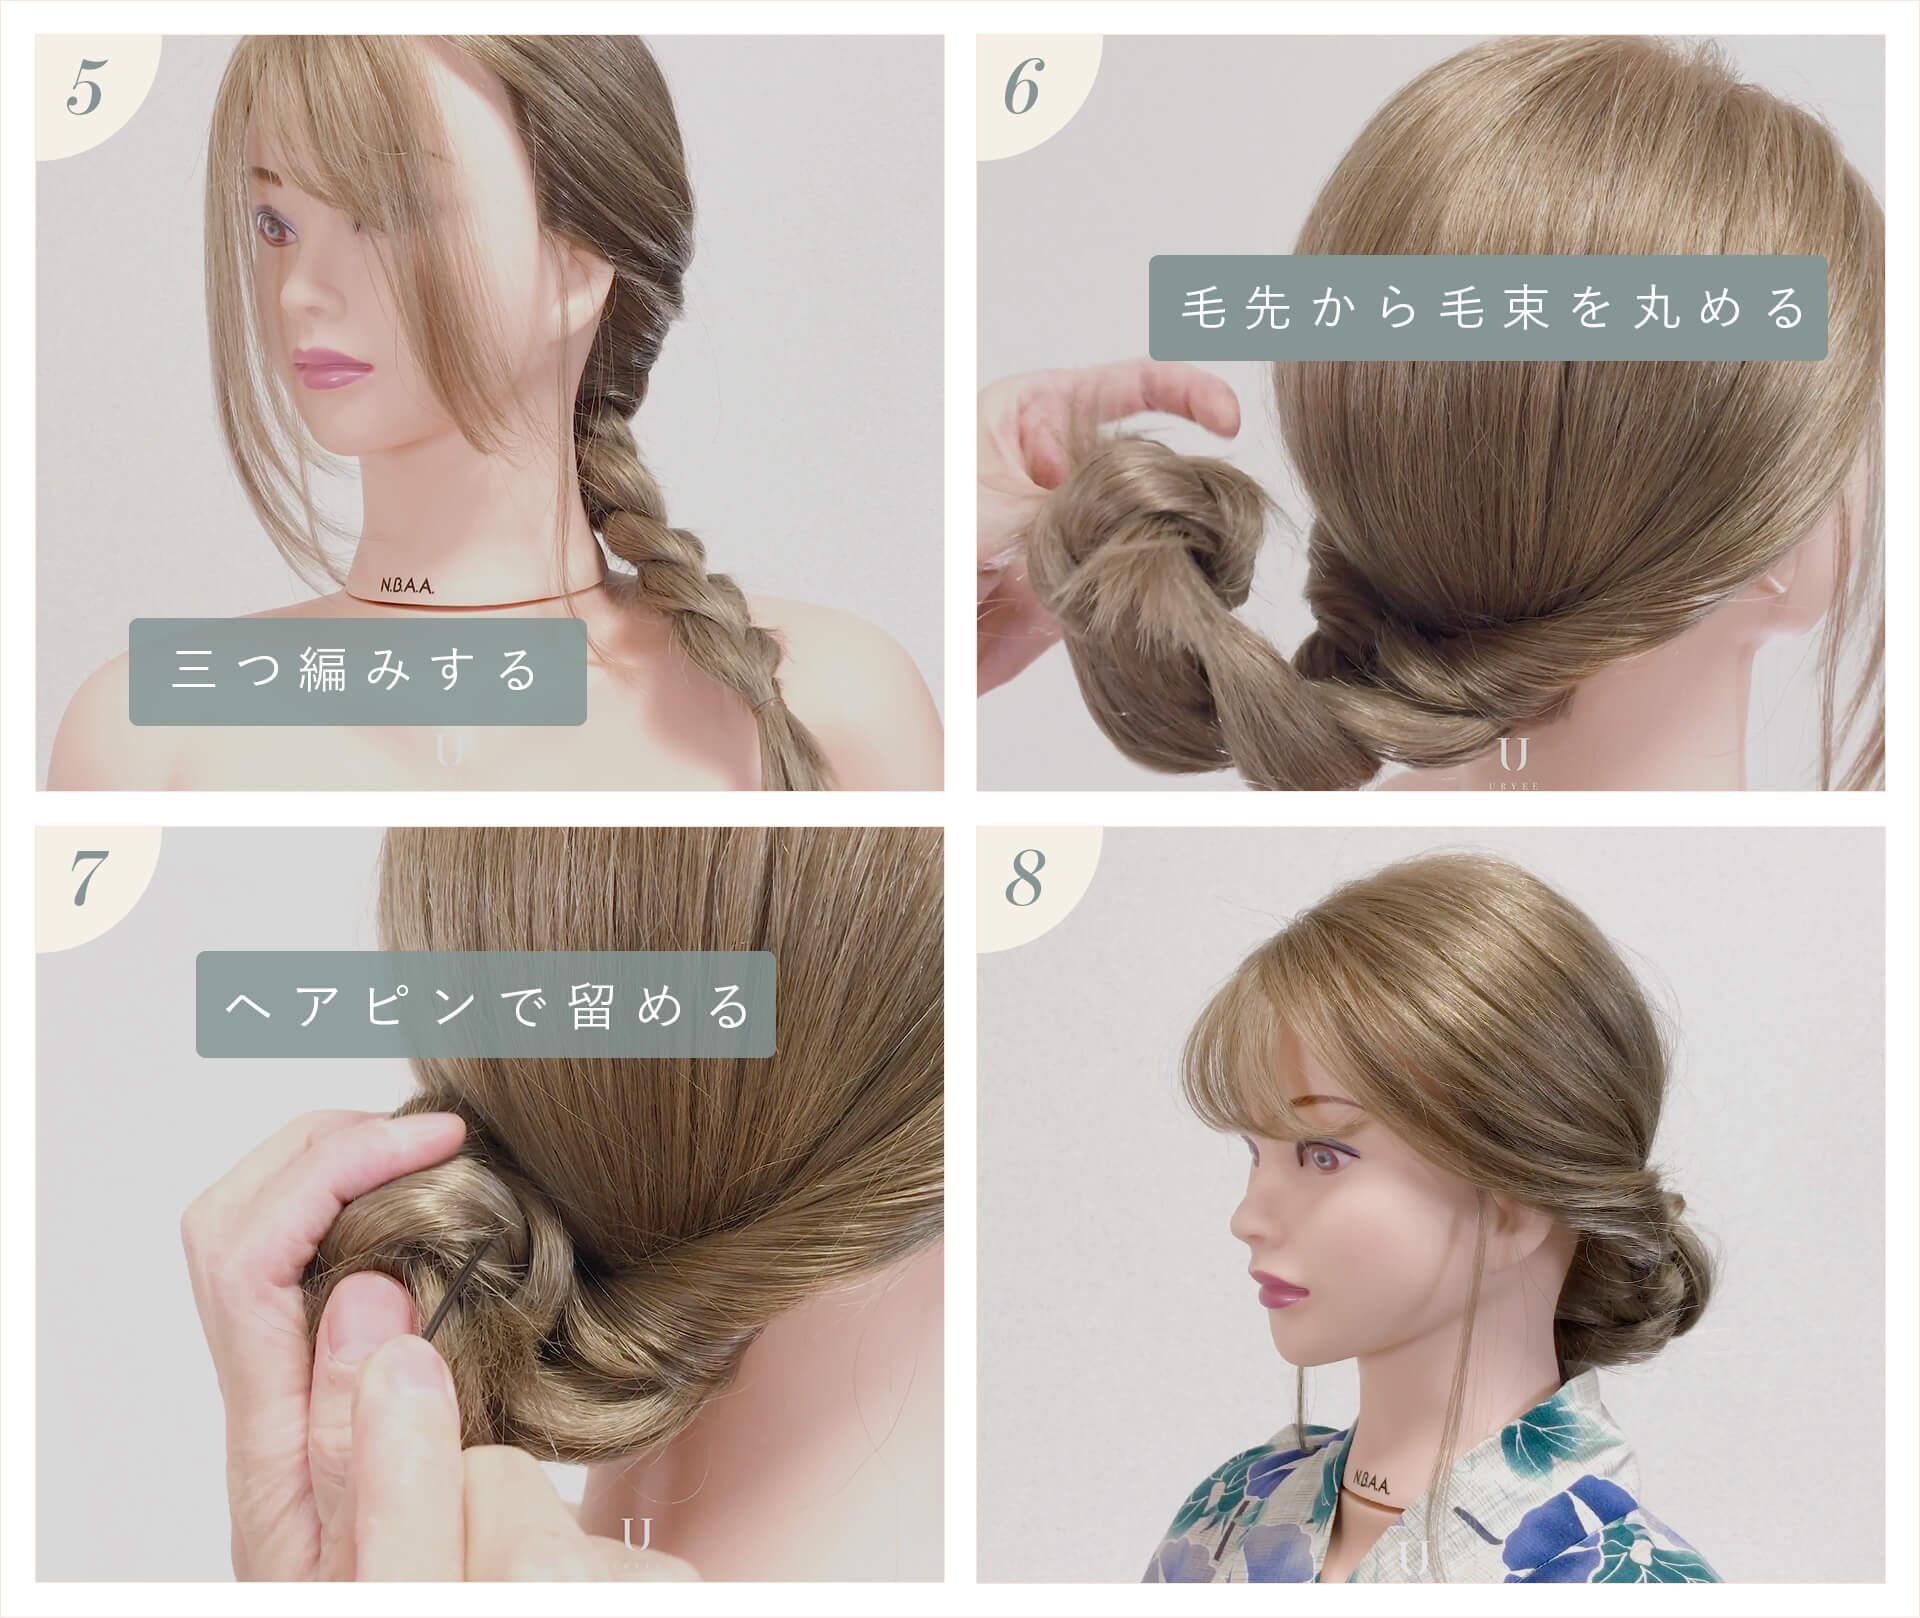 前髪を下ろす 流す 浴衣に似合う簡単アップヘア